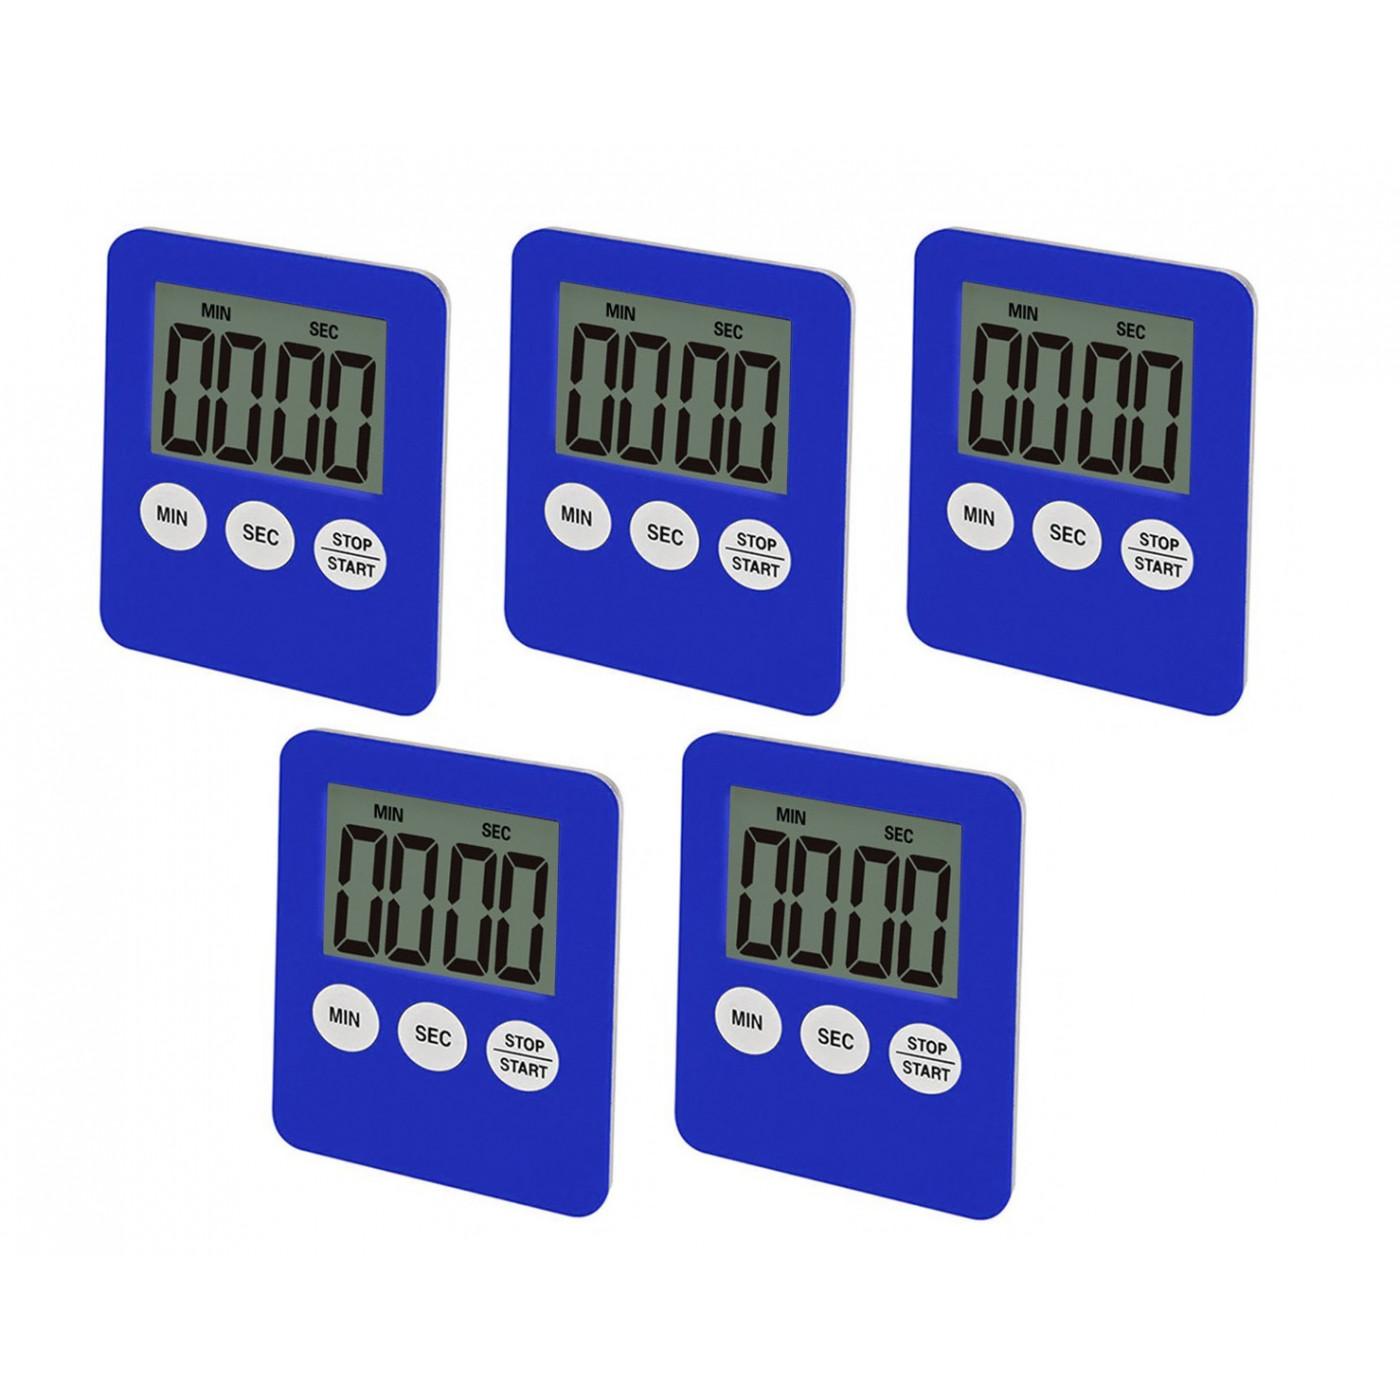 Zestaw 5 cyfrowych timerów, budzików, niebieski  - 1